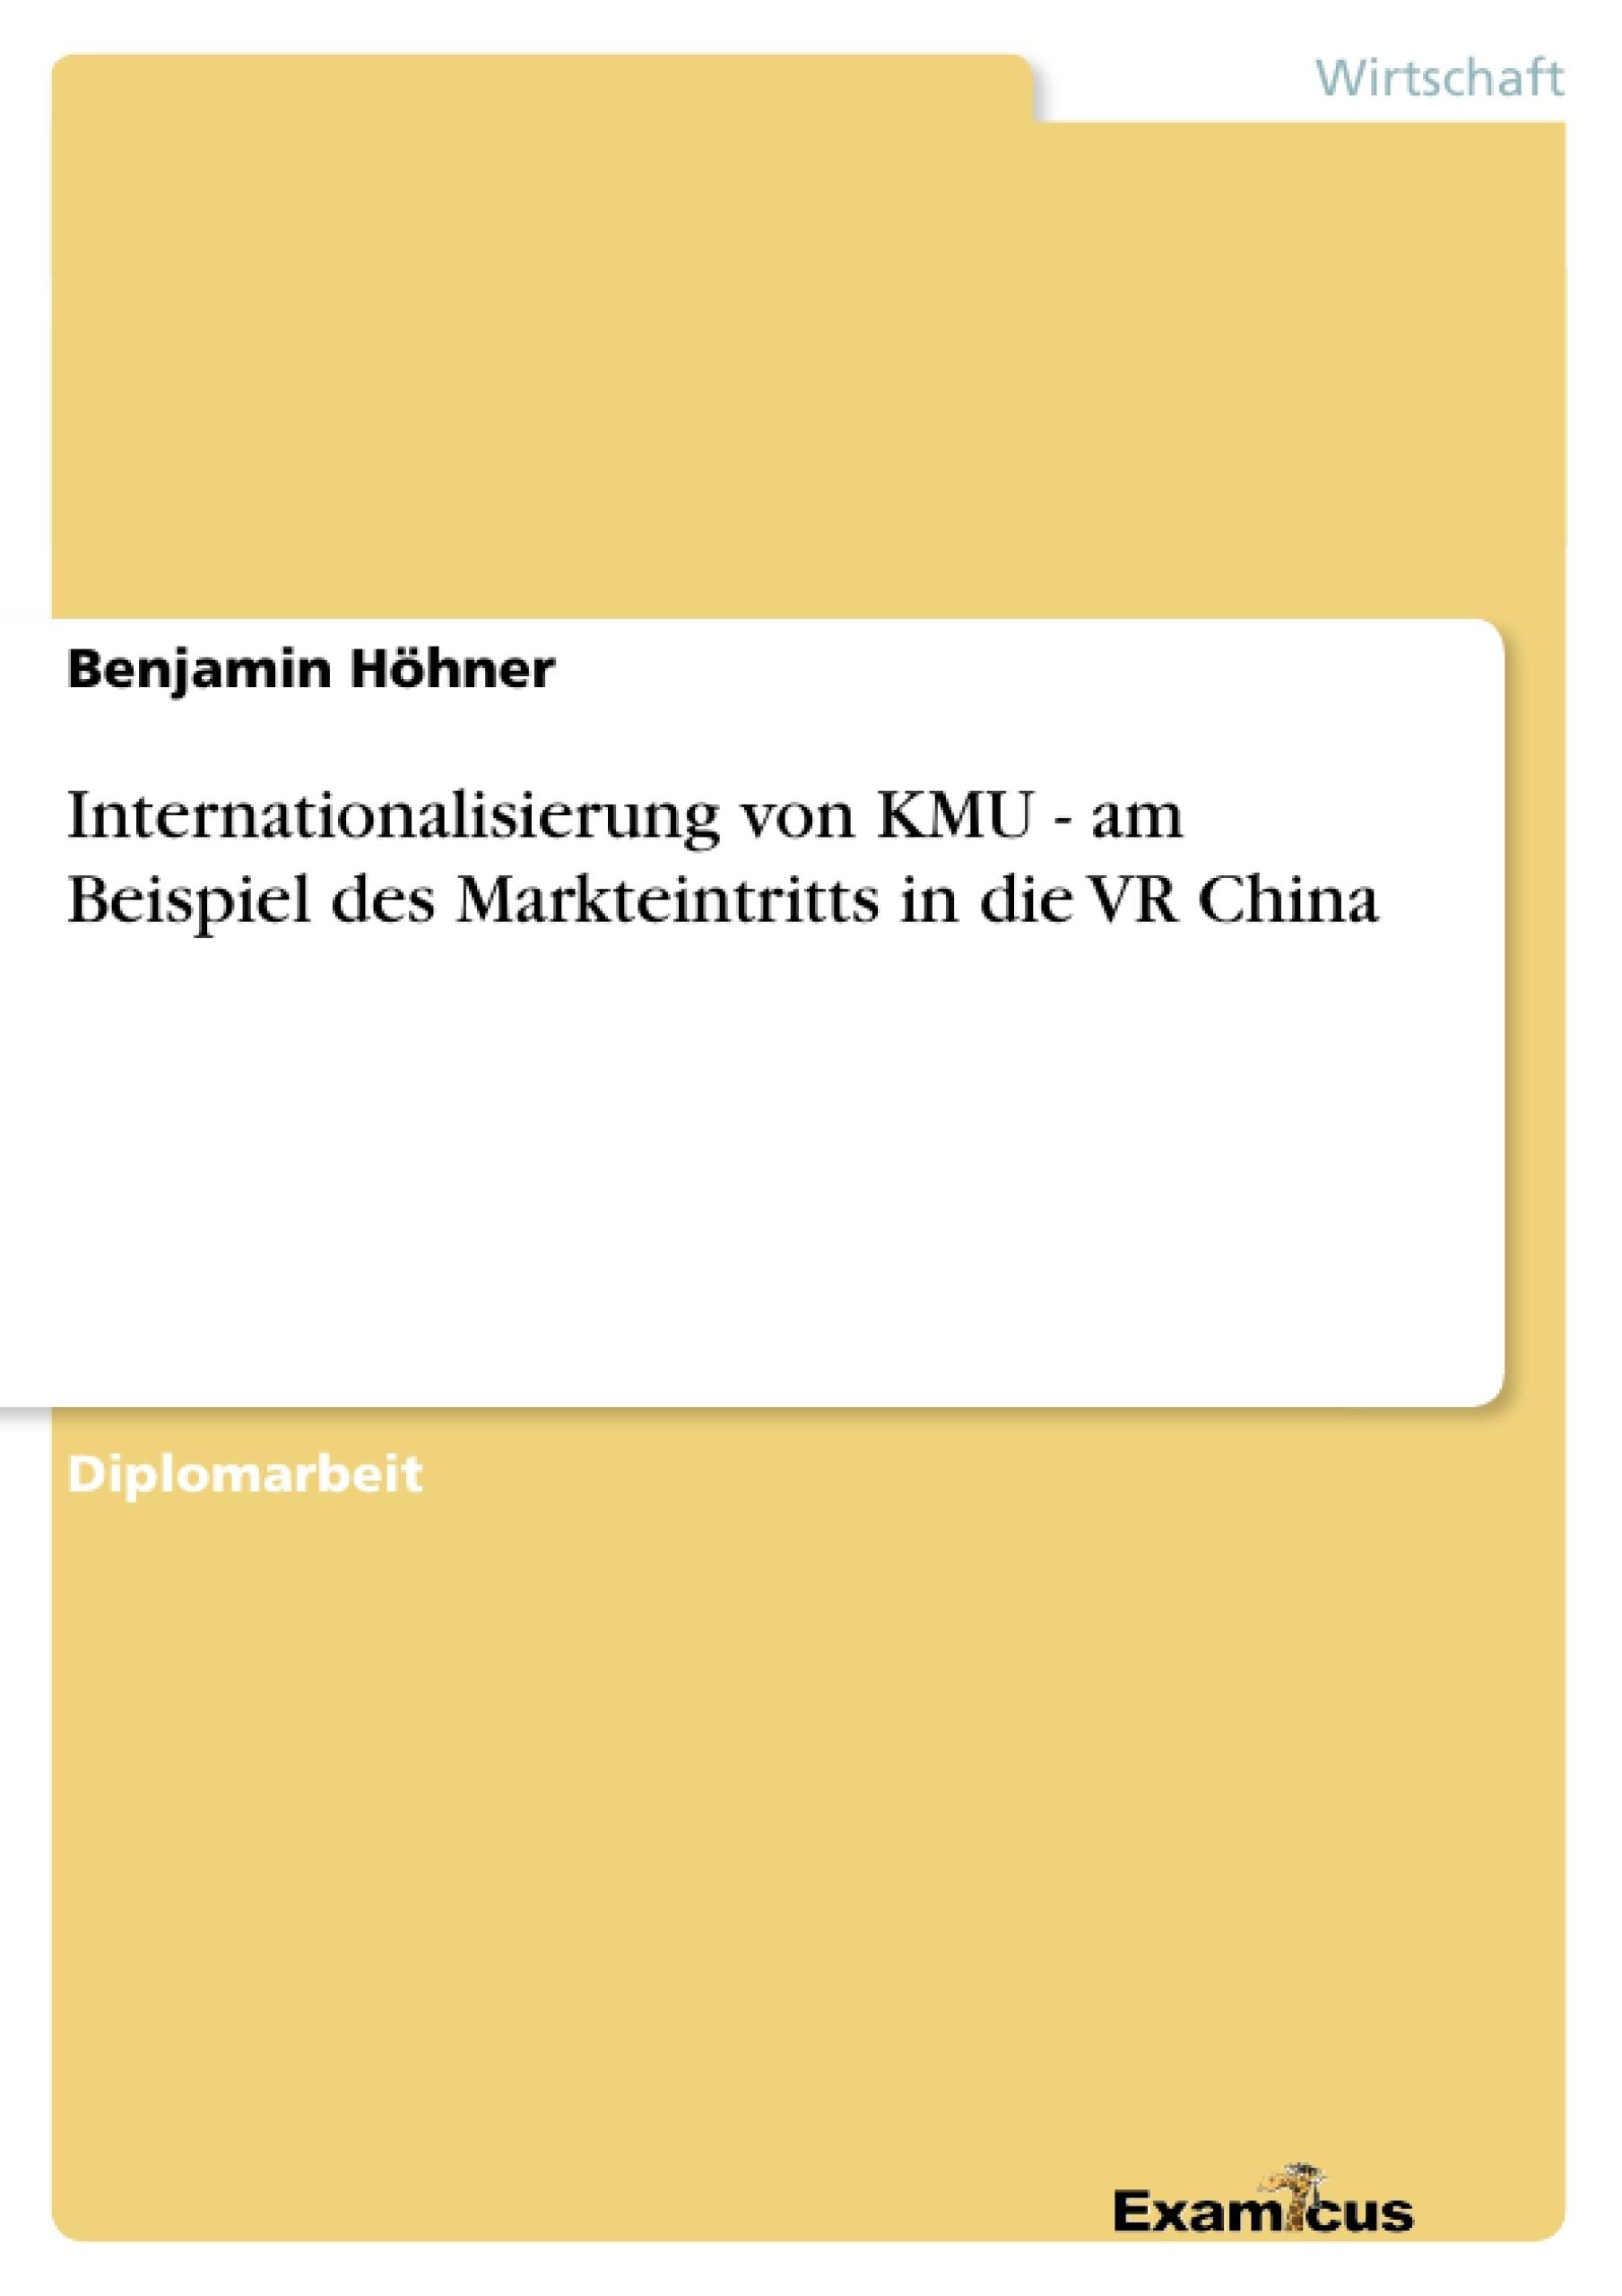 Titel: Internationalisierung von KMU - am Beispiel des Markteintritts in die VR China